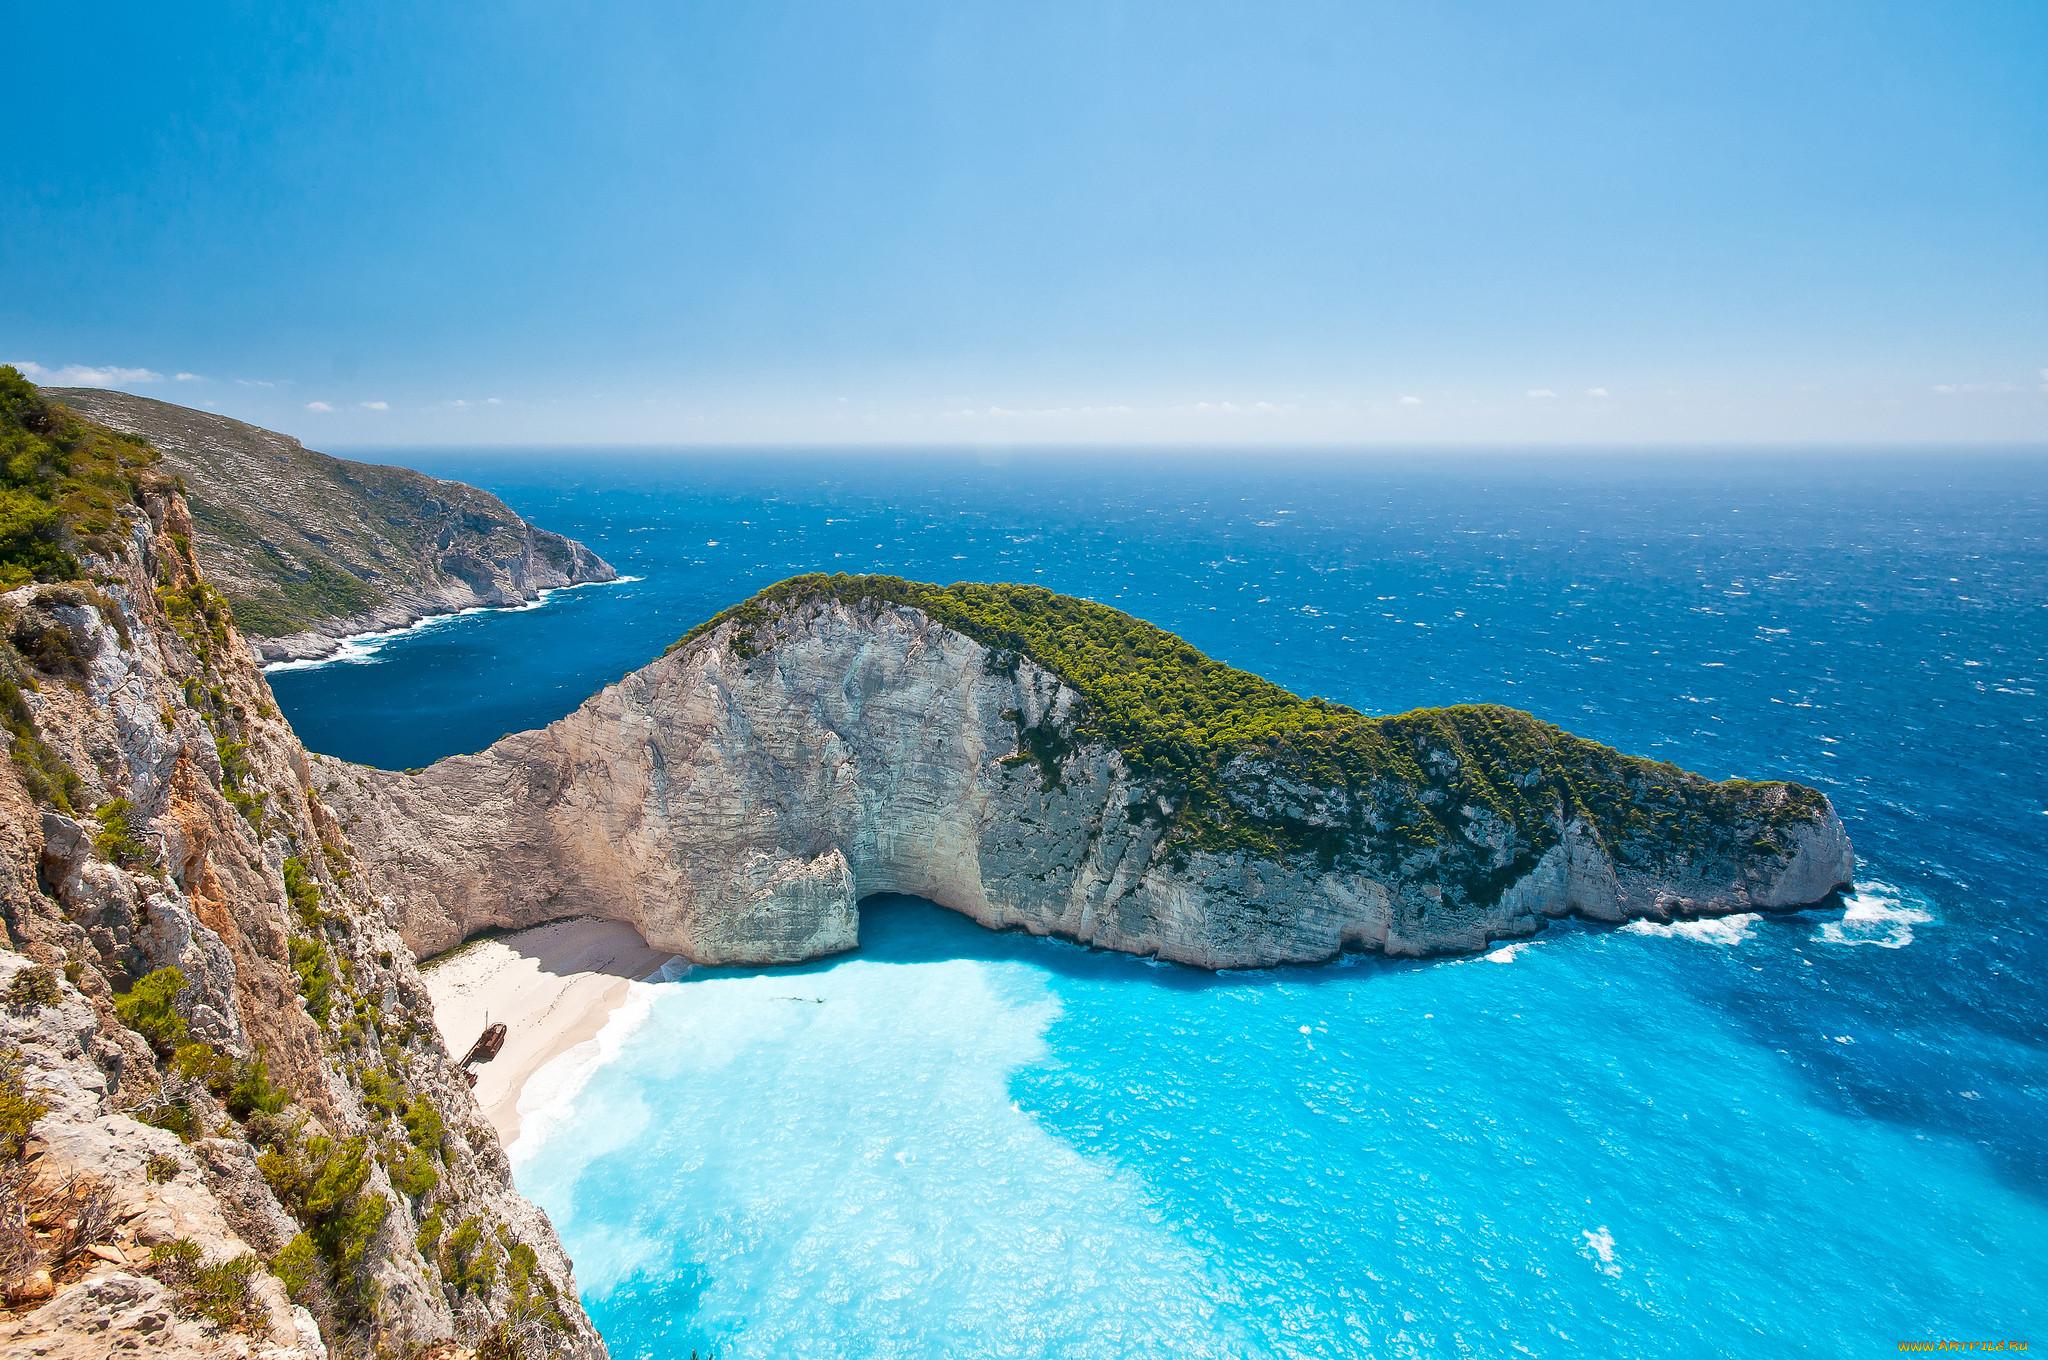 побережье греции фото в хорошем качестве правильно выбрать ингредиенты